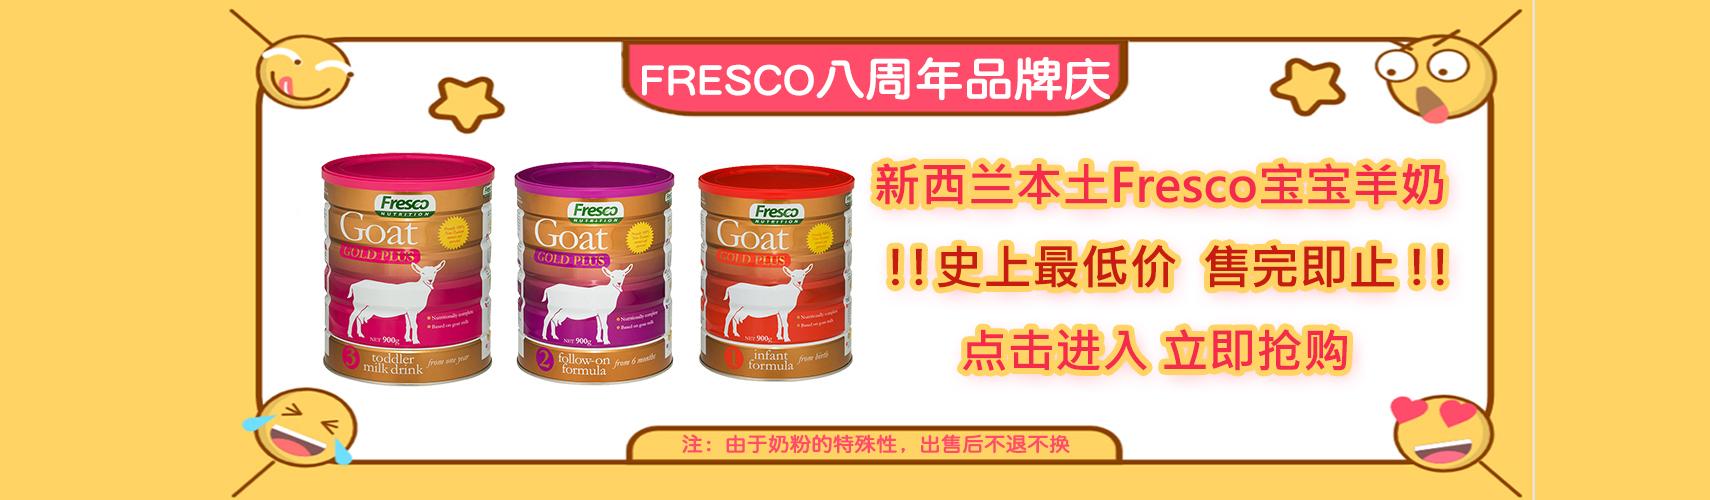 Fresco金装羊奶